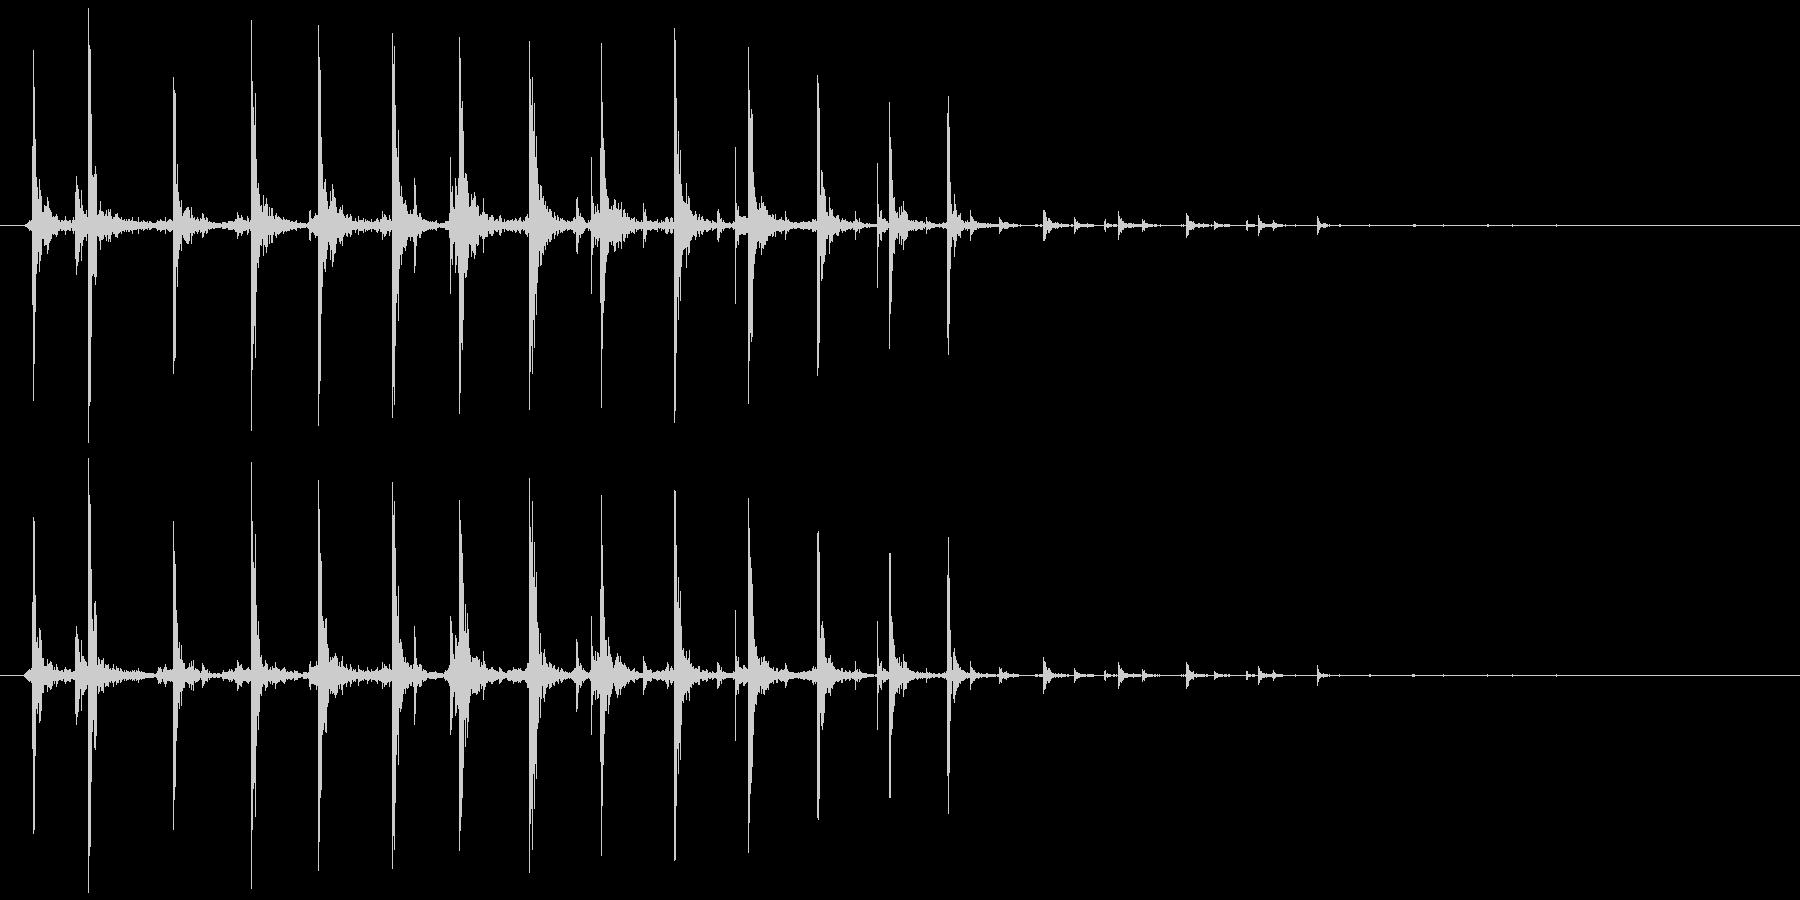 虫、モンスター等(動く鳴く)カチカチ…の未再生の波形